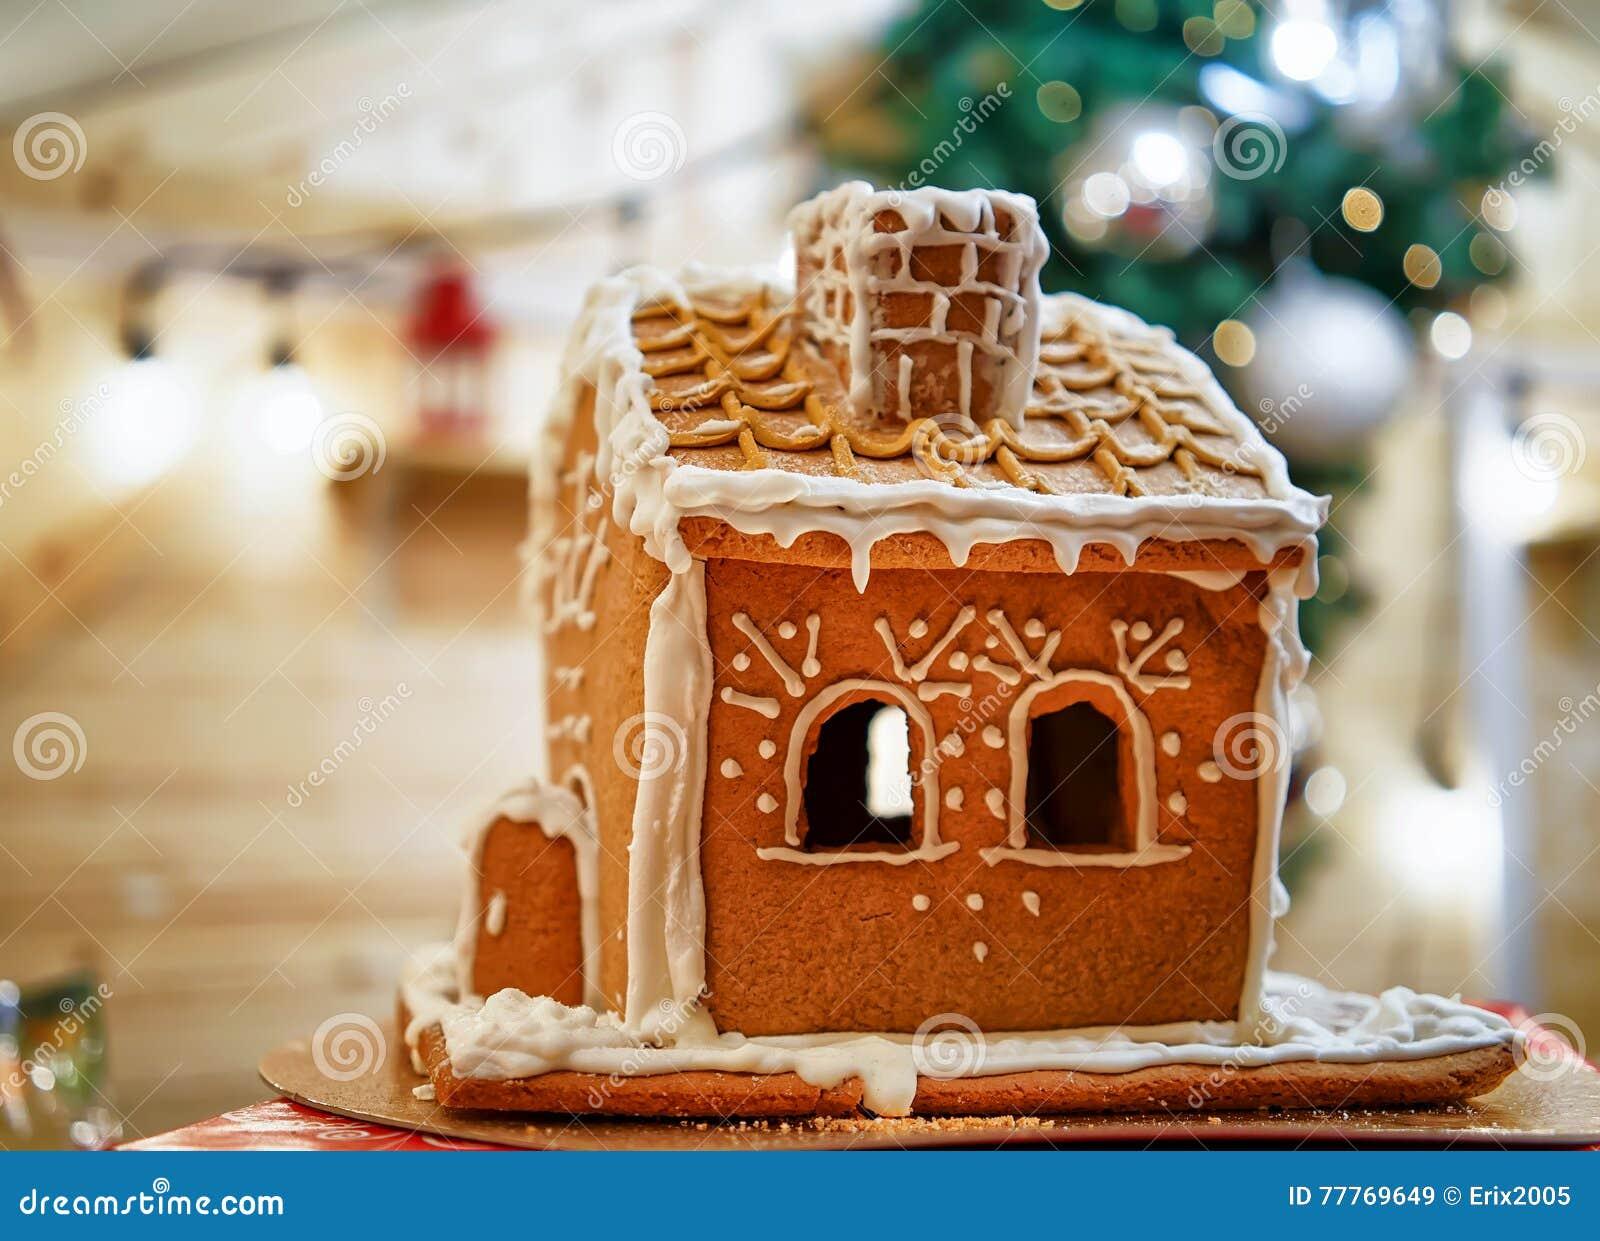 Weihnachtsmarkt Anfang.Lebkuchenhaus Am Vilnius Weihnachtsmarkt In Litauen Stockbild Bild